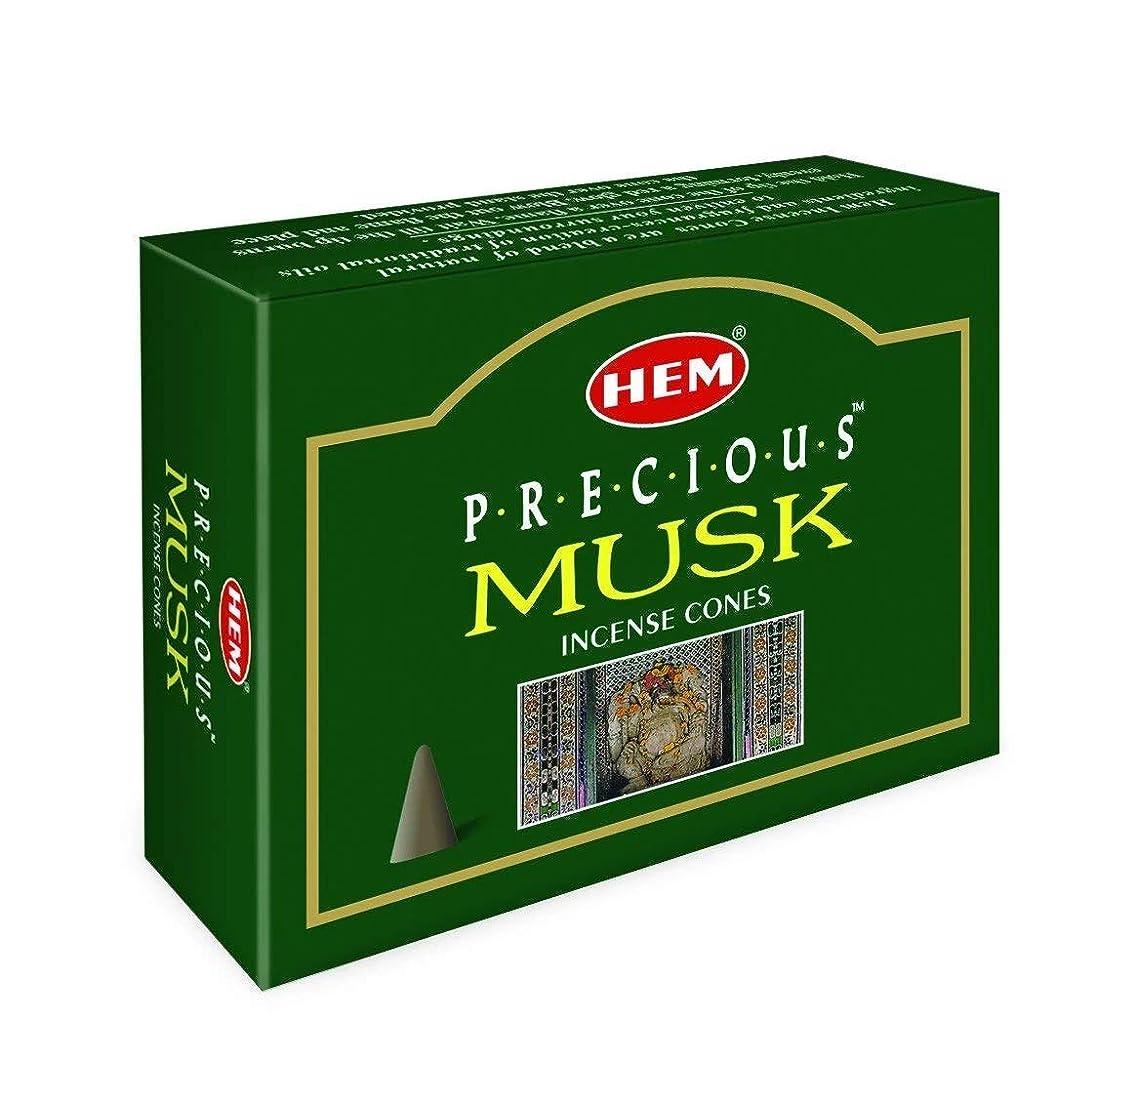 抽出判読できない香りHEM(ヘム) プレシャスムスク香 コーンタイプ PRECIOUS MUSK CORN 12箱セット